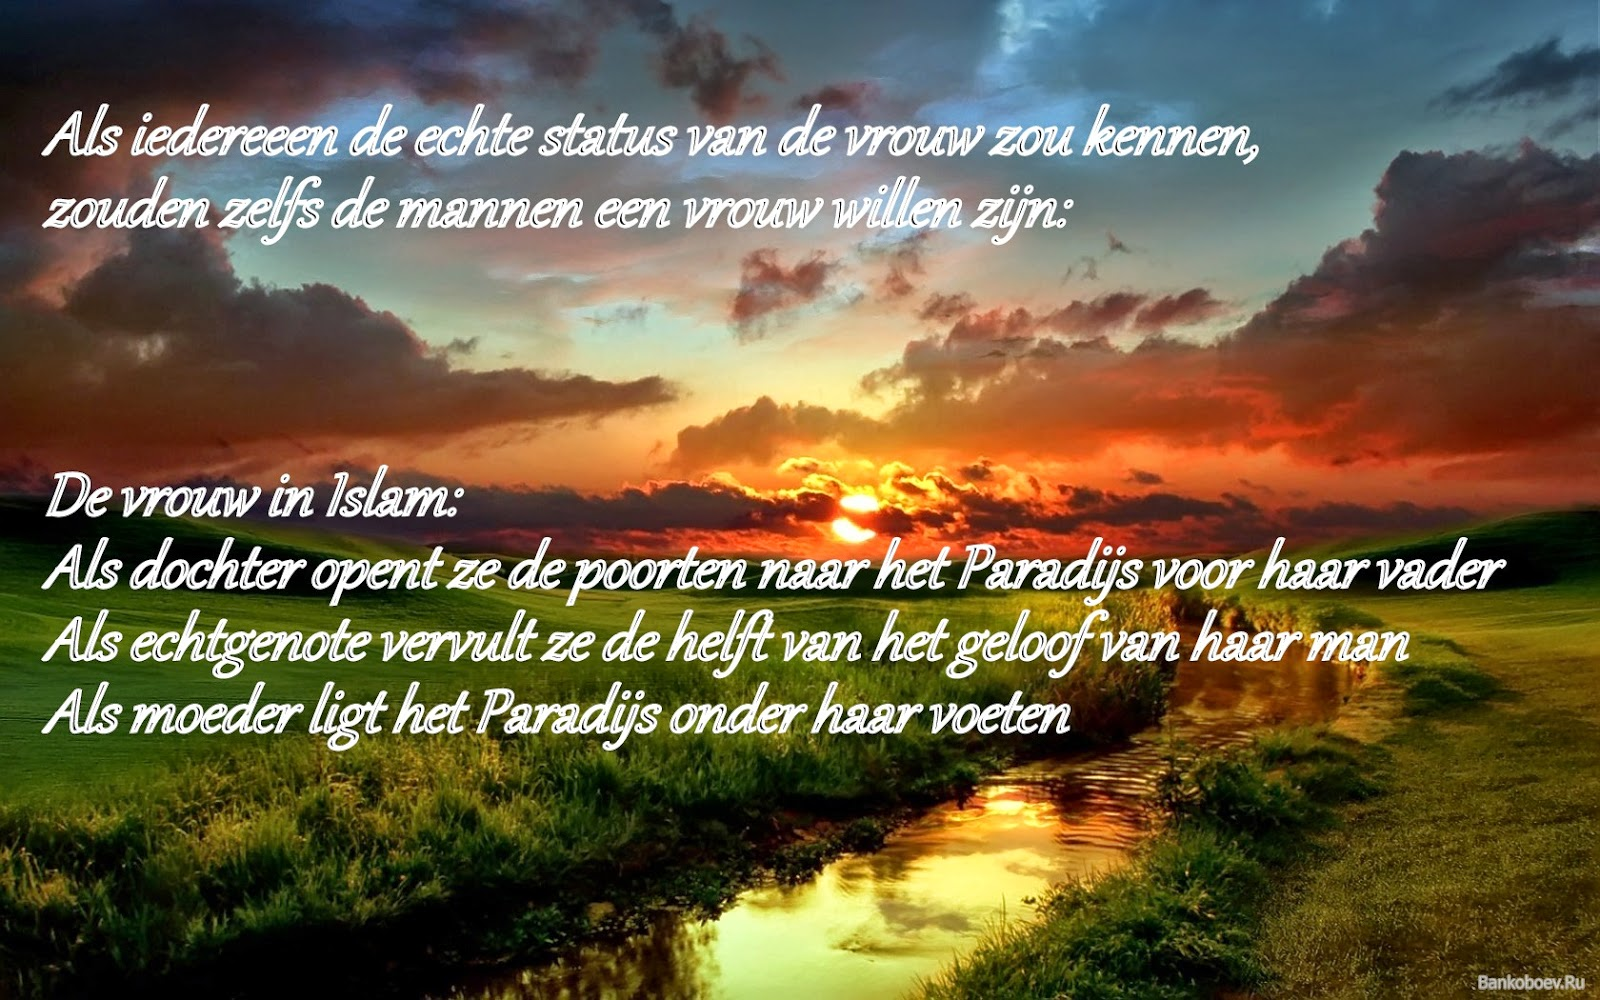 Citaten Natuur : Citaten en wijze woorden uit de islam ware status van